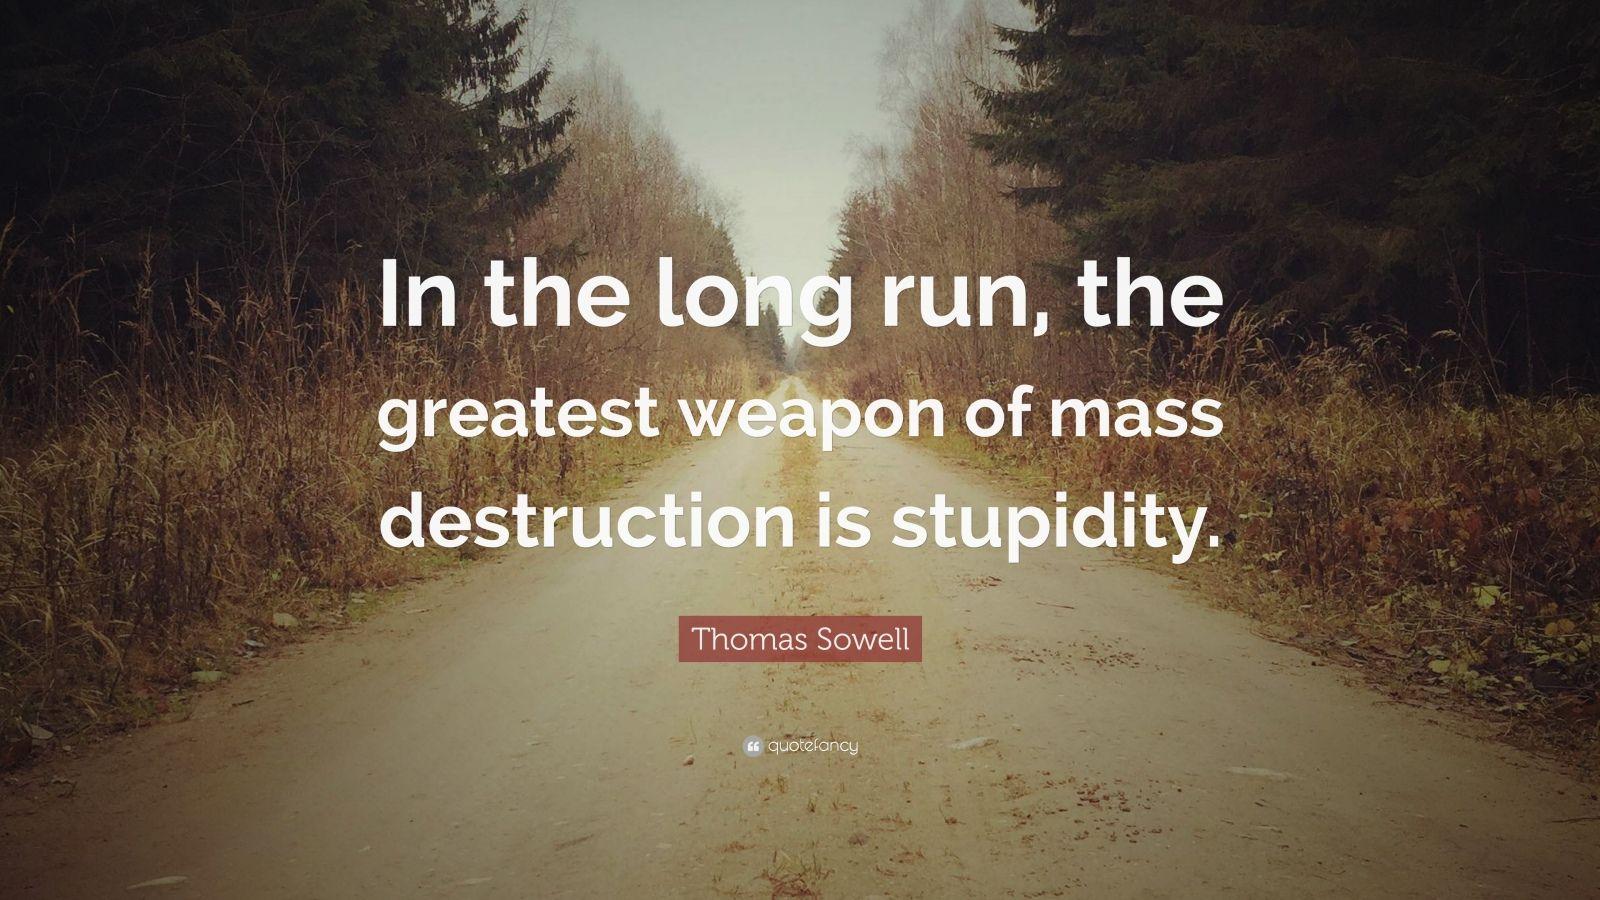 albert einstein the menace of mass destruction The einstein reader albert einstein  the menace of mass destruction 1947  187:  albert einstein (1879 1955), one of the greatest thinkers of the twentieth.